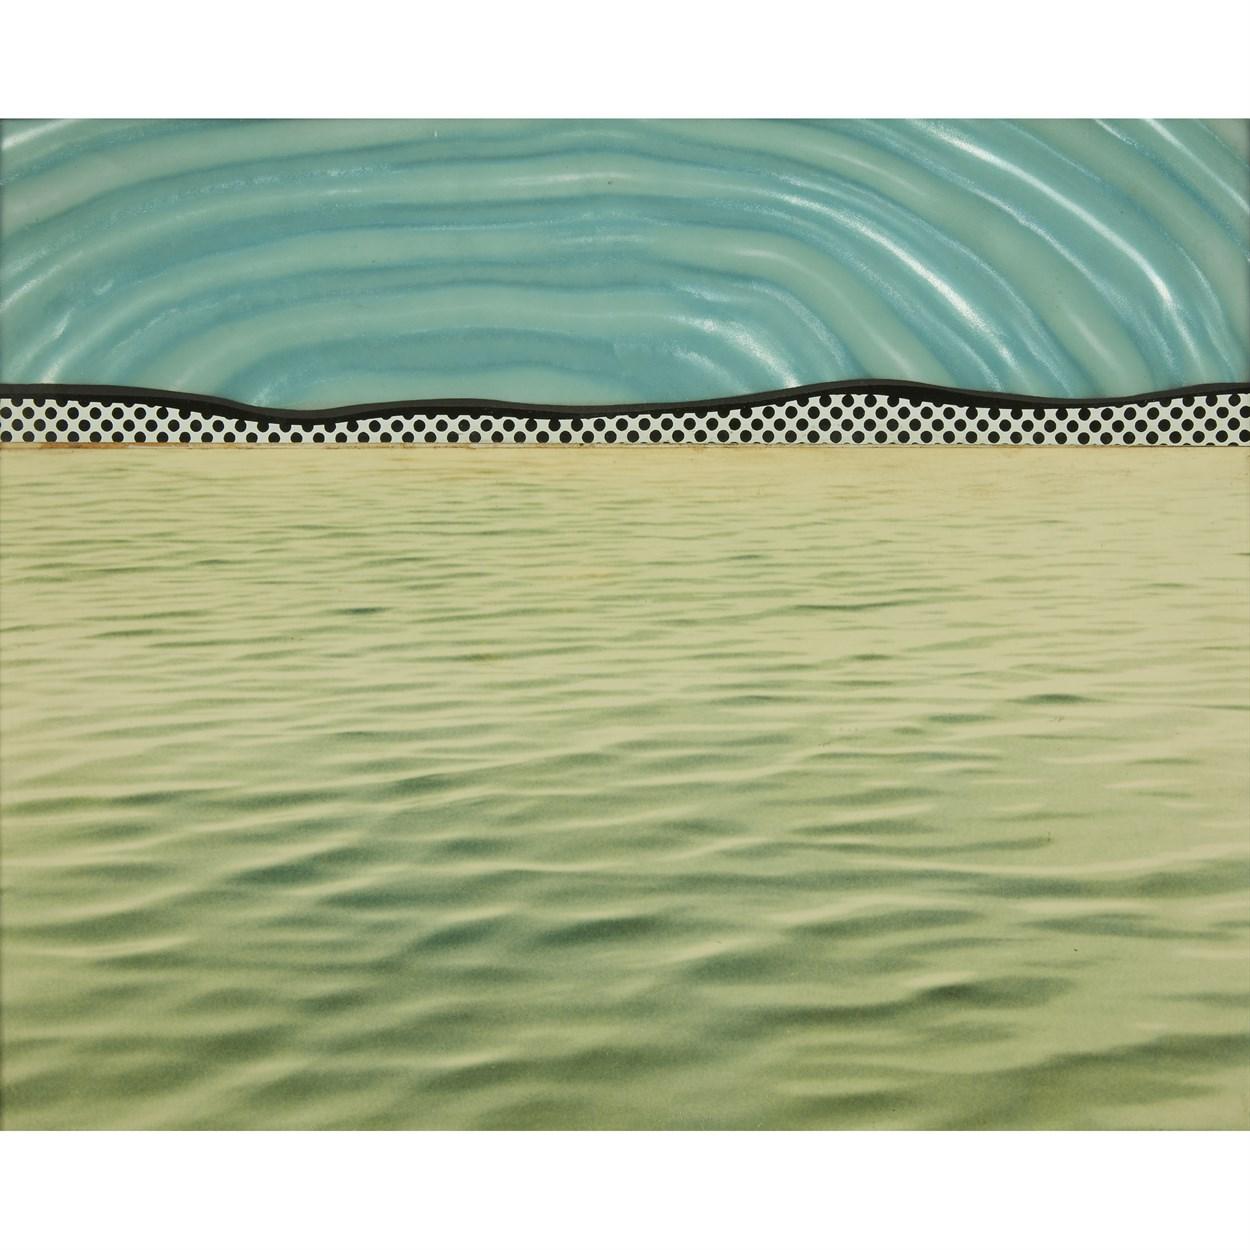 Lot 14 - Roy Lichtenstein (American, 1923-1997)